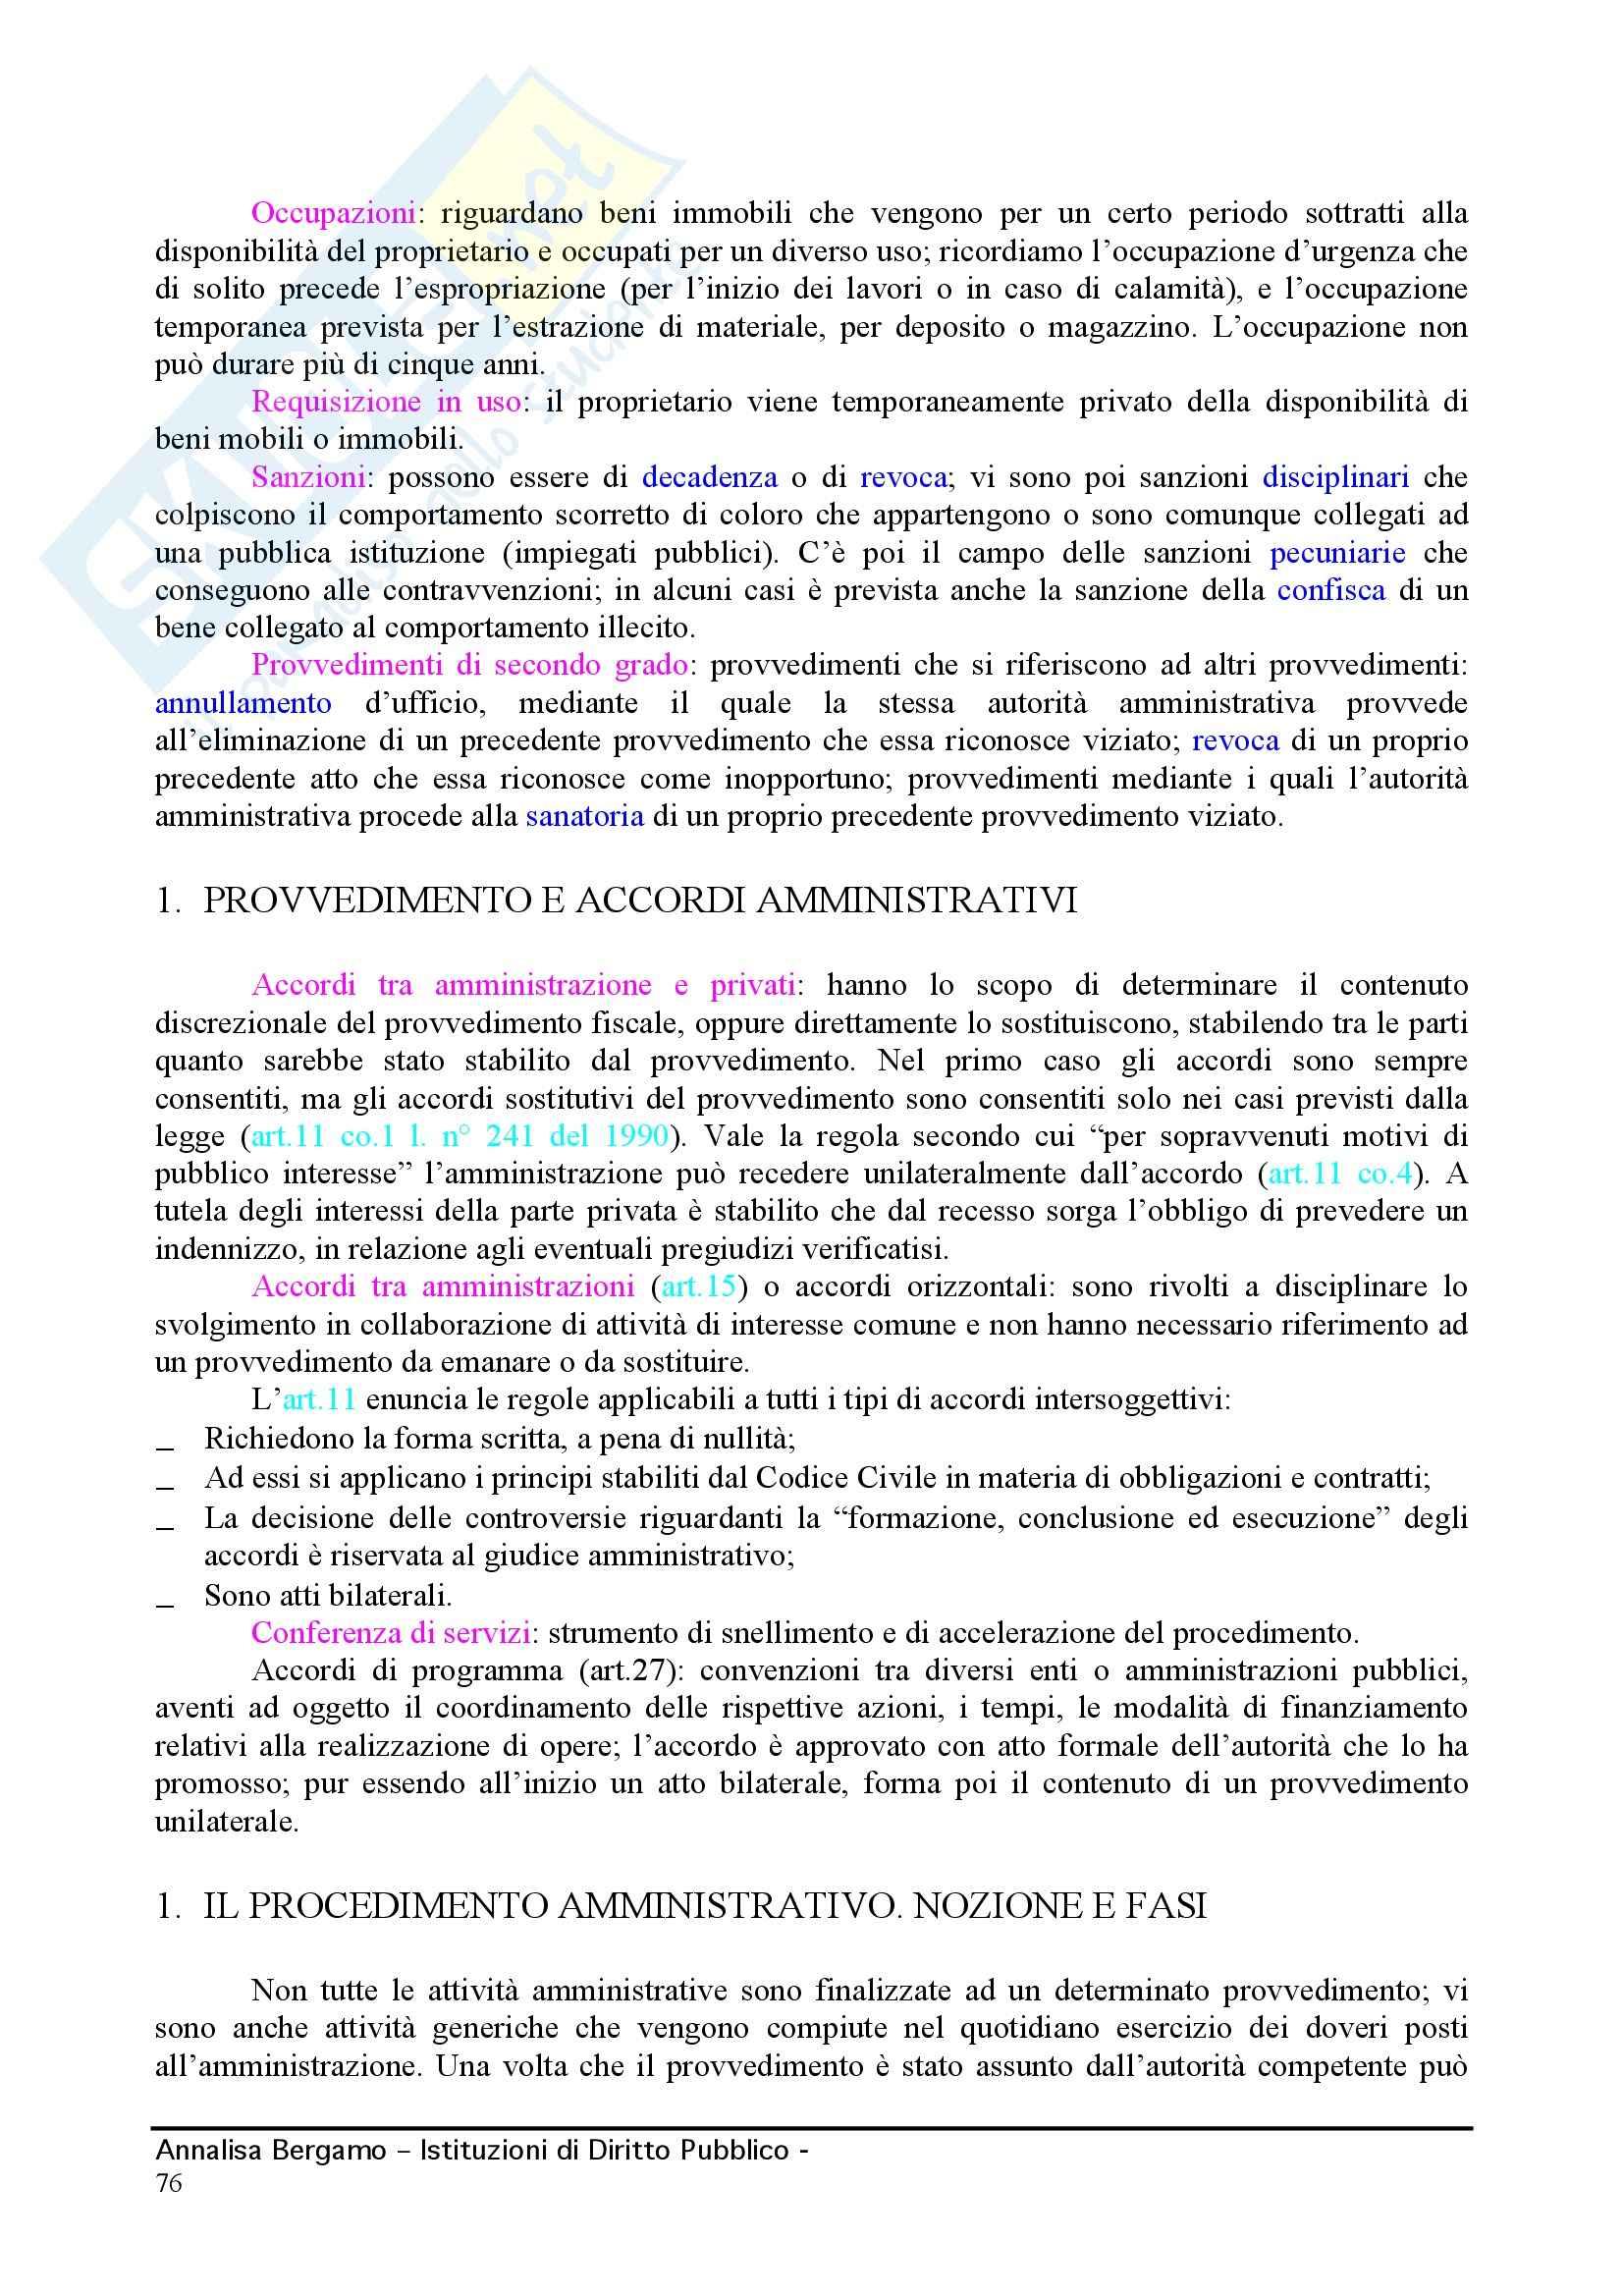 Diritto pubblico - Compendio Pag. 76